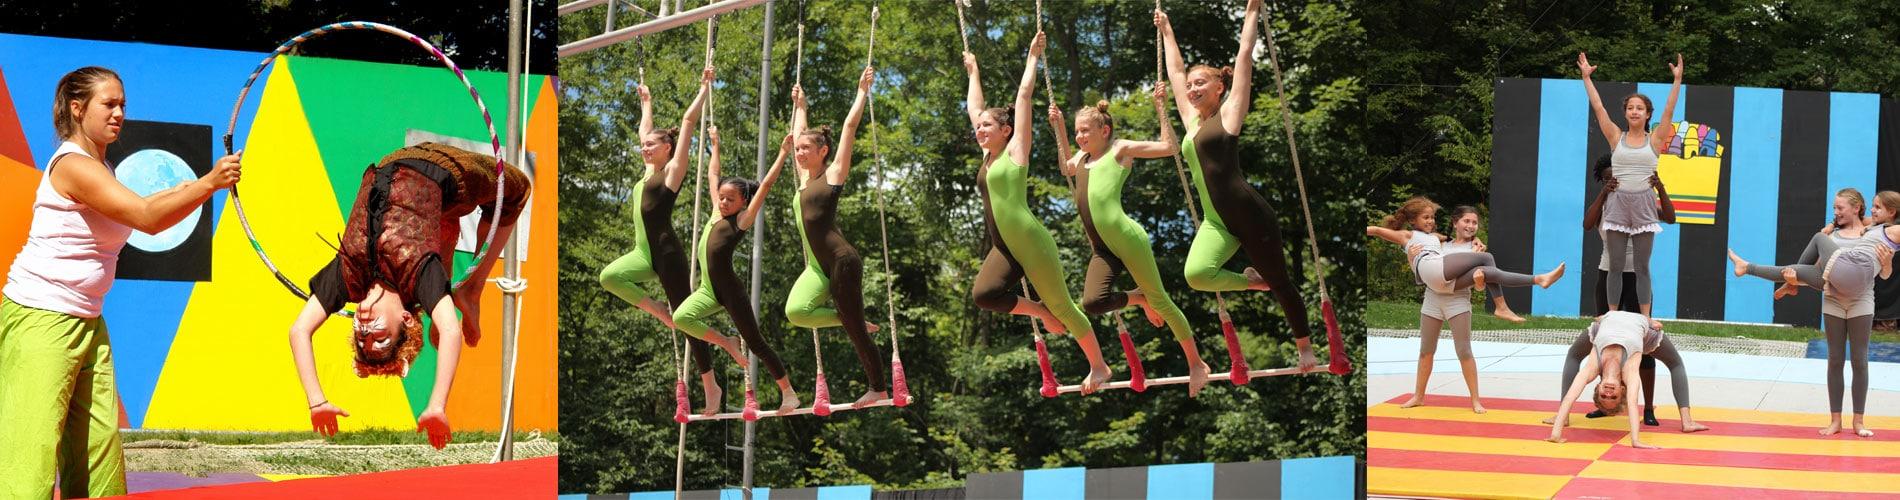 circus-camp-001